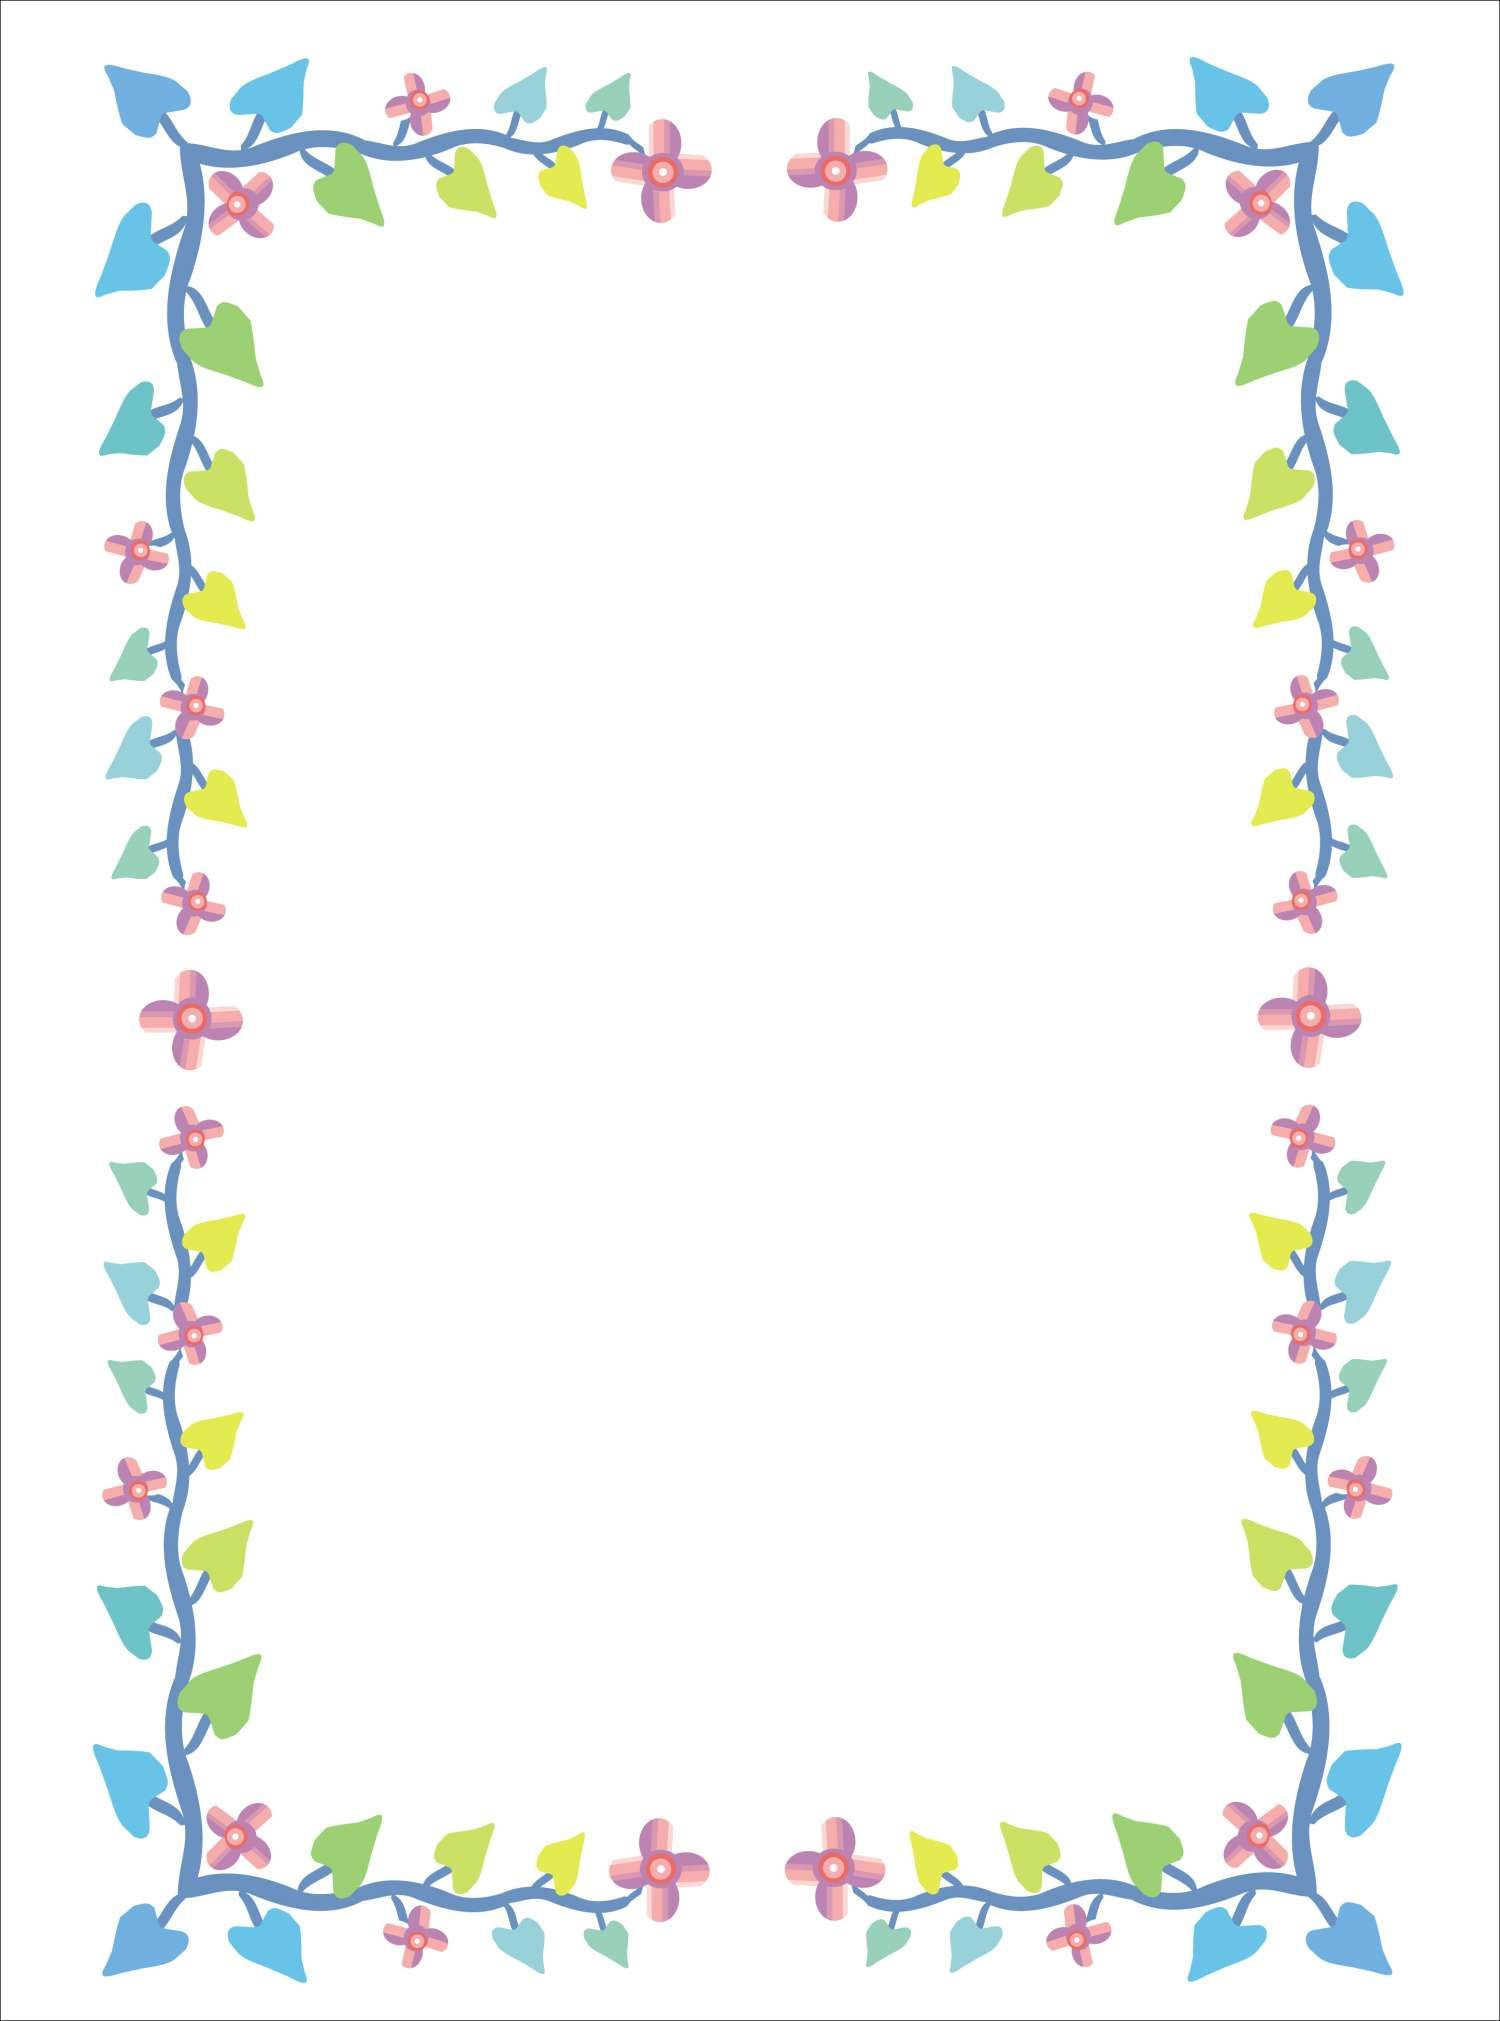 Calendar clipart frame. Colored leaf scrapbooking pinterest